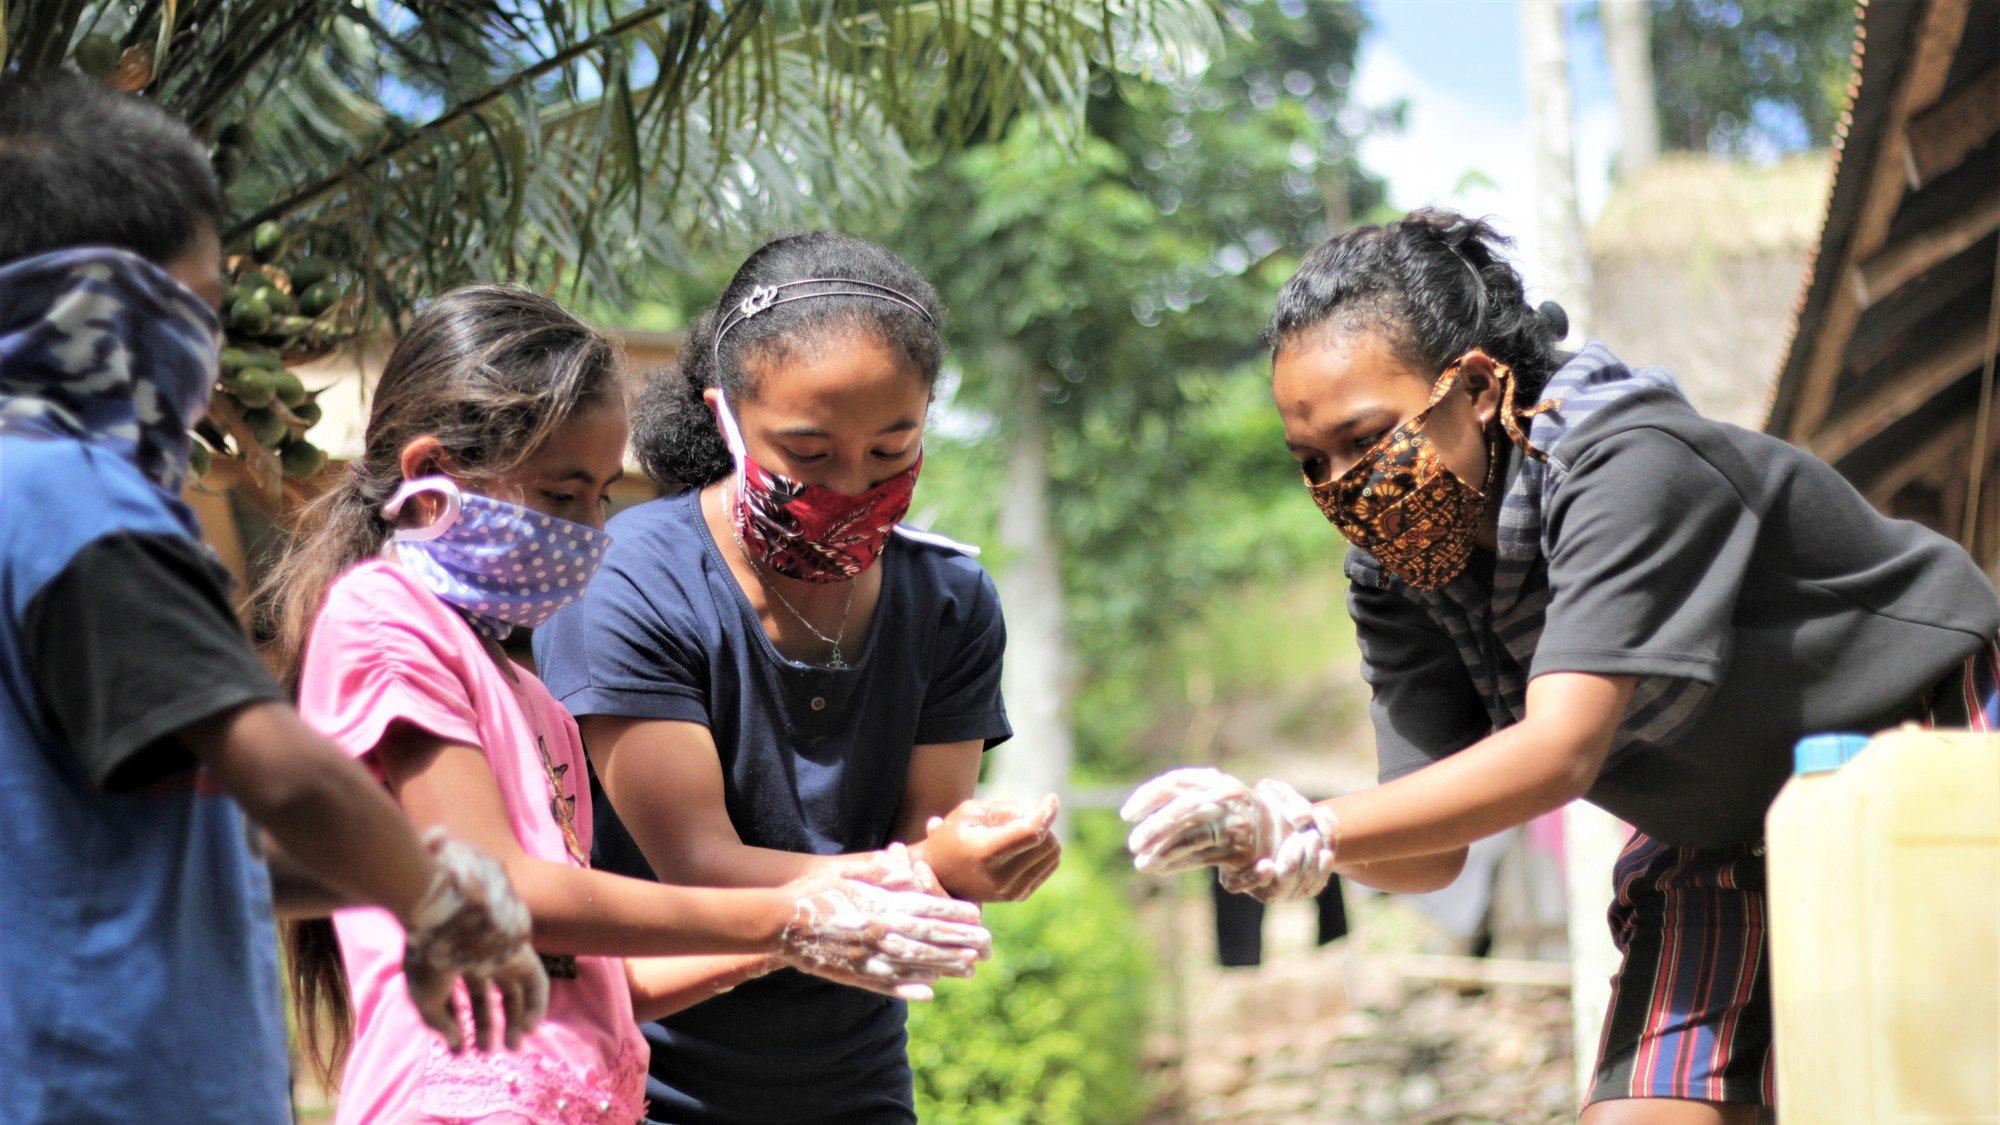 En gruppe elever fra Indonesien lærer at vaske hænderne korrekt for at mindske smitten med corona.